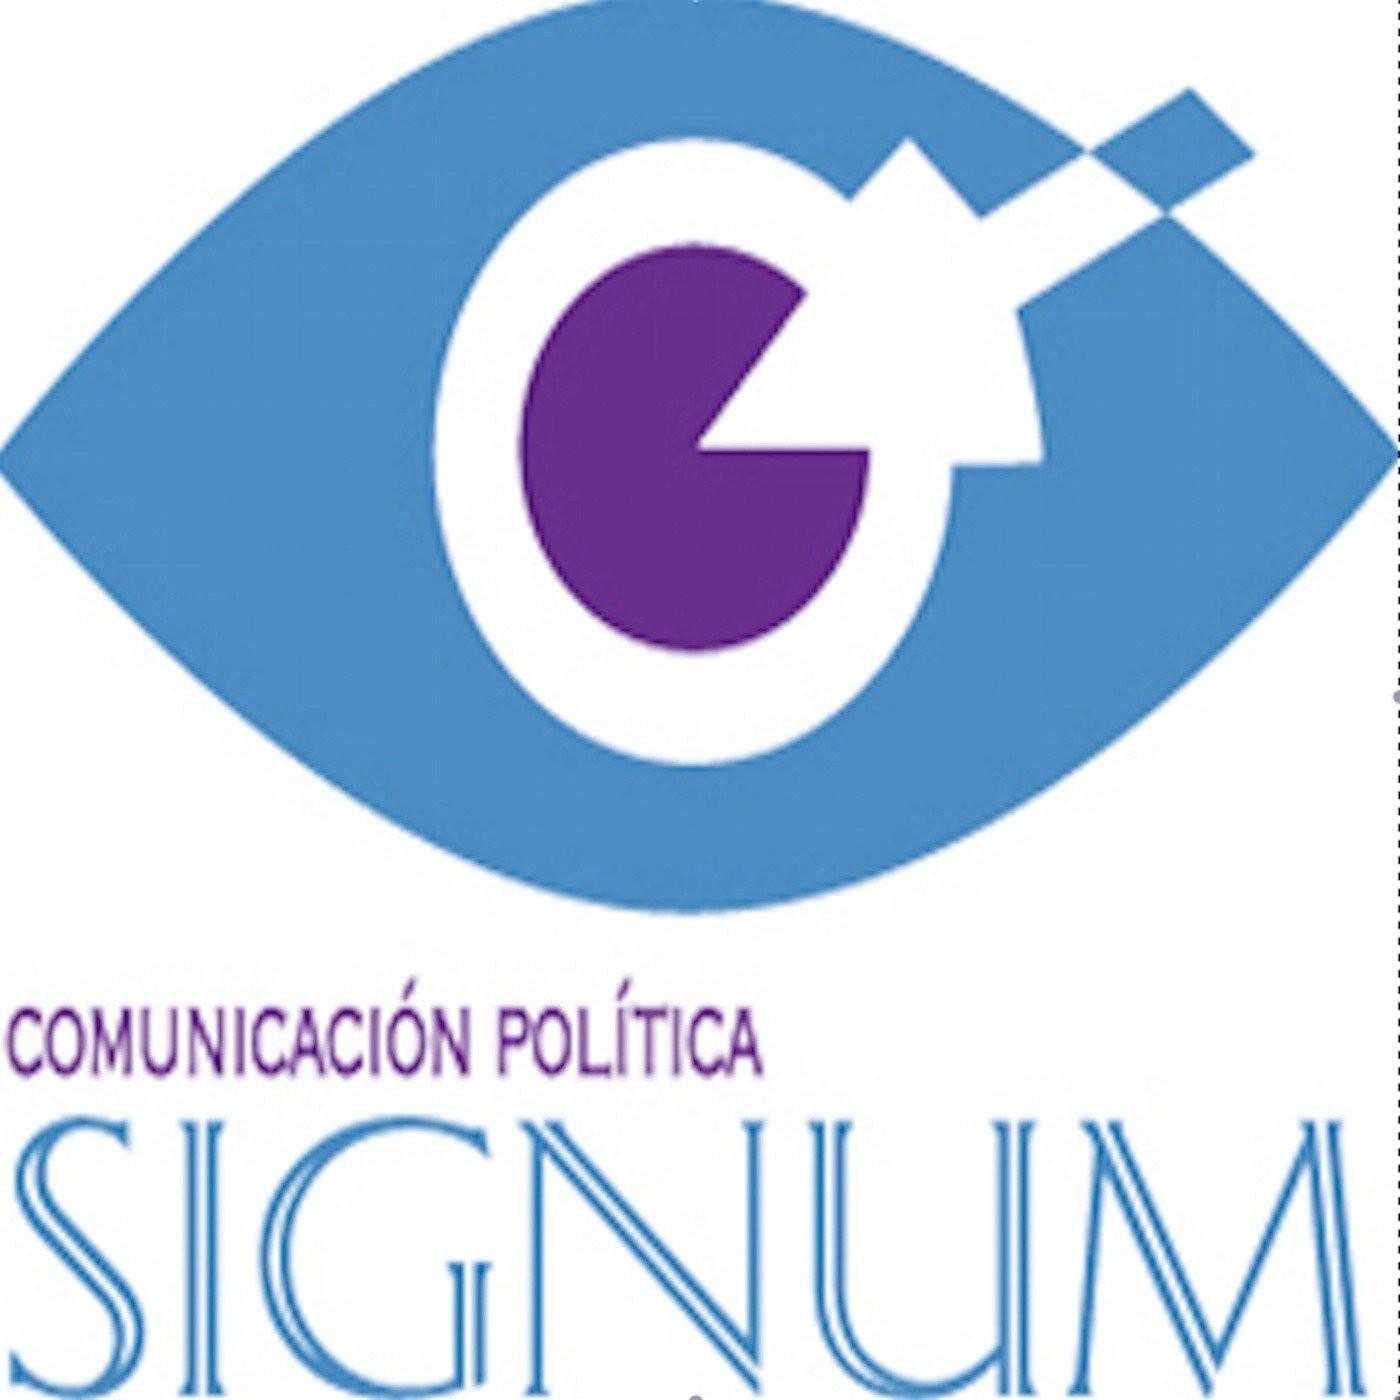 <![CDATA[Aprendizaje y Comunicación Política]]>